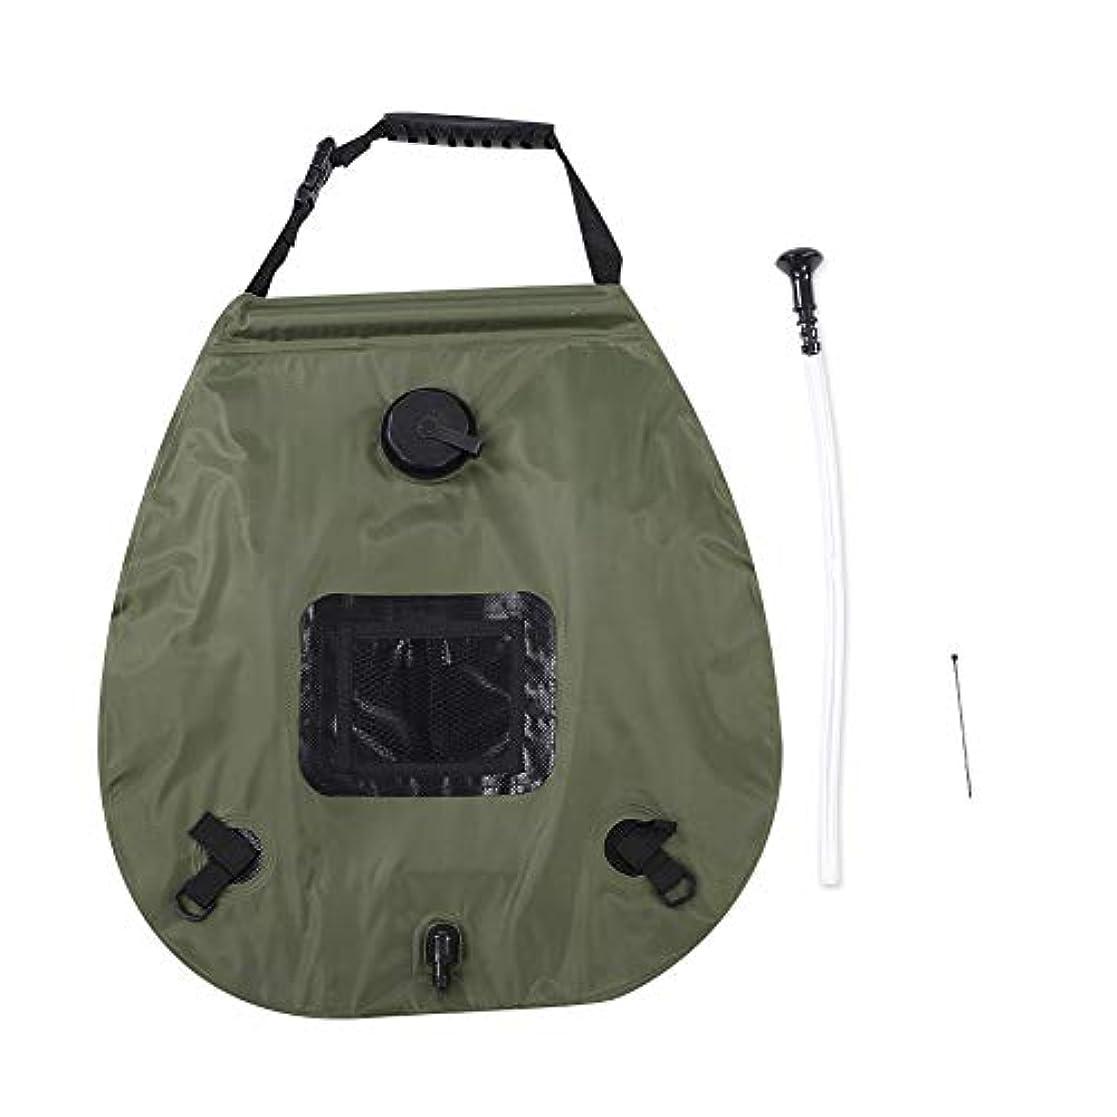 遅い魅力的オアシスソーラー暖房シャワーバッグ 20L キャンプシャワーバッグ 温度50°C ハイキング 旅行 サマーシャワー 自動熱吸収